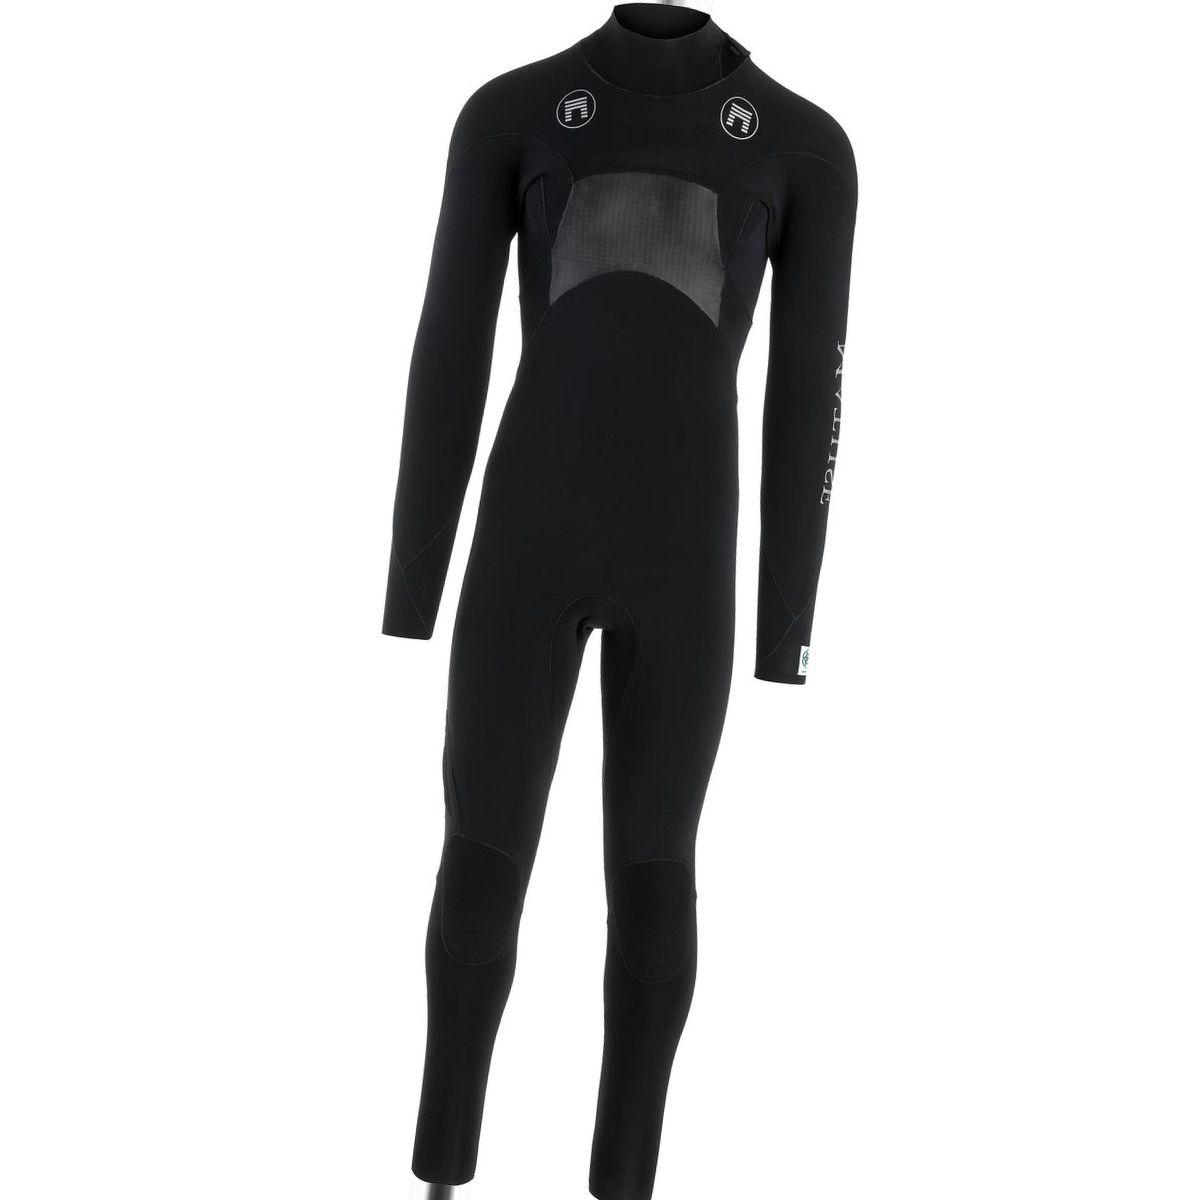 Matuse Hoplite 3/2 Full Wetsuit - Men's